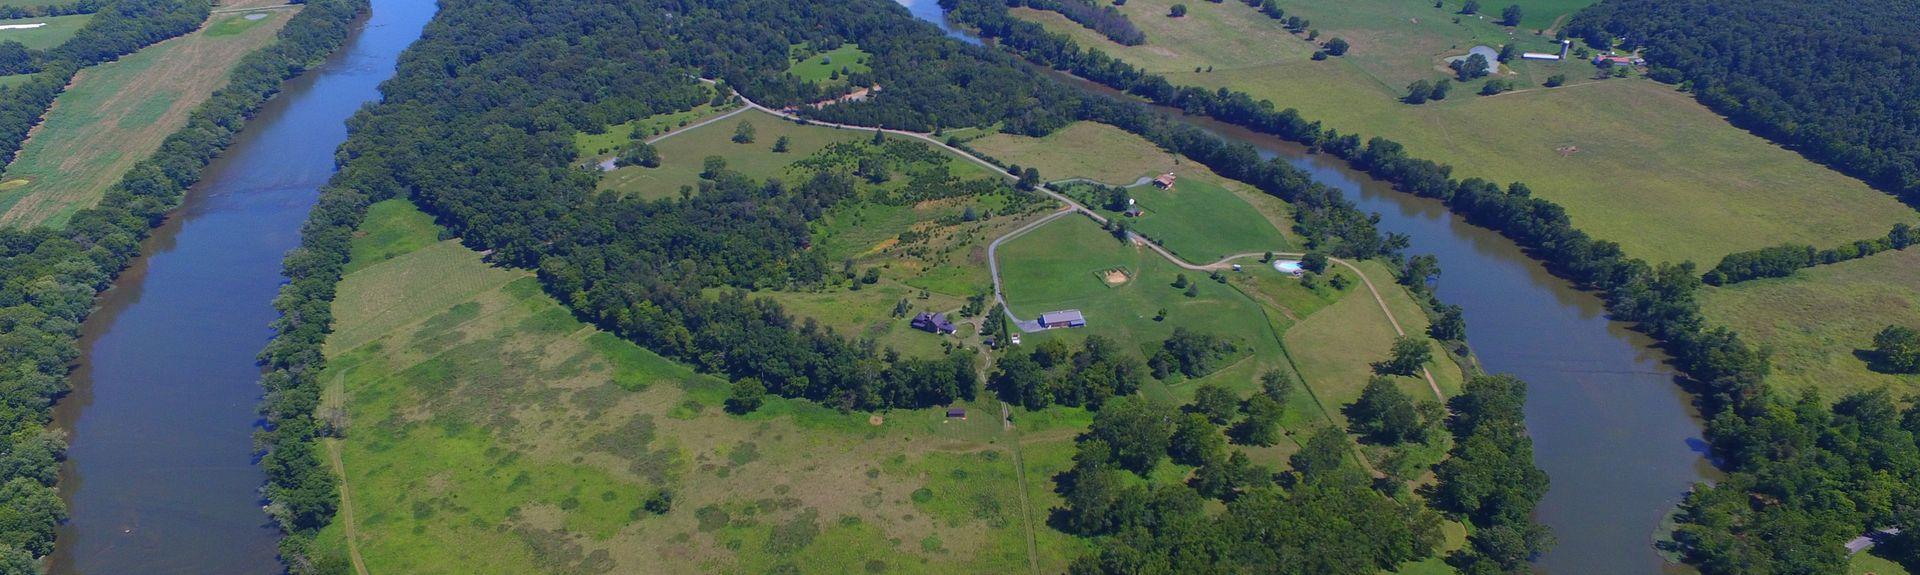 Champ de bataille de Kernstown, Winchester, Virginie, États-Unis d'Amérique